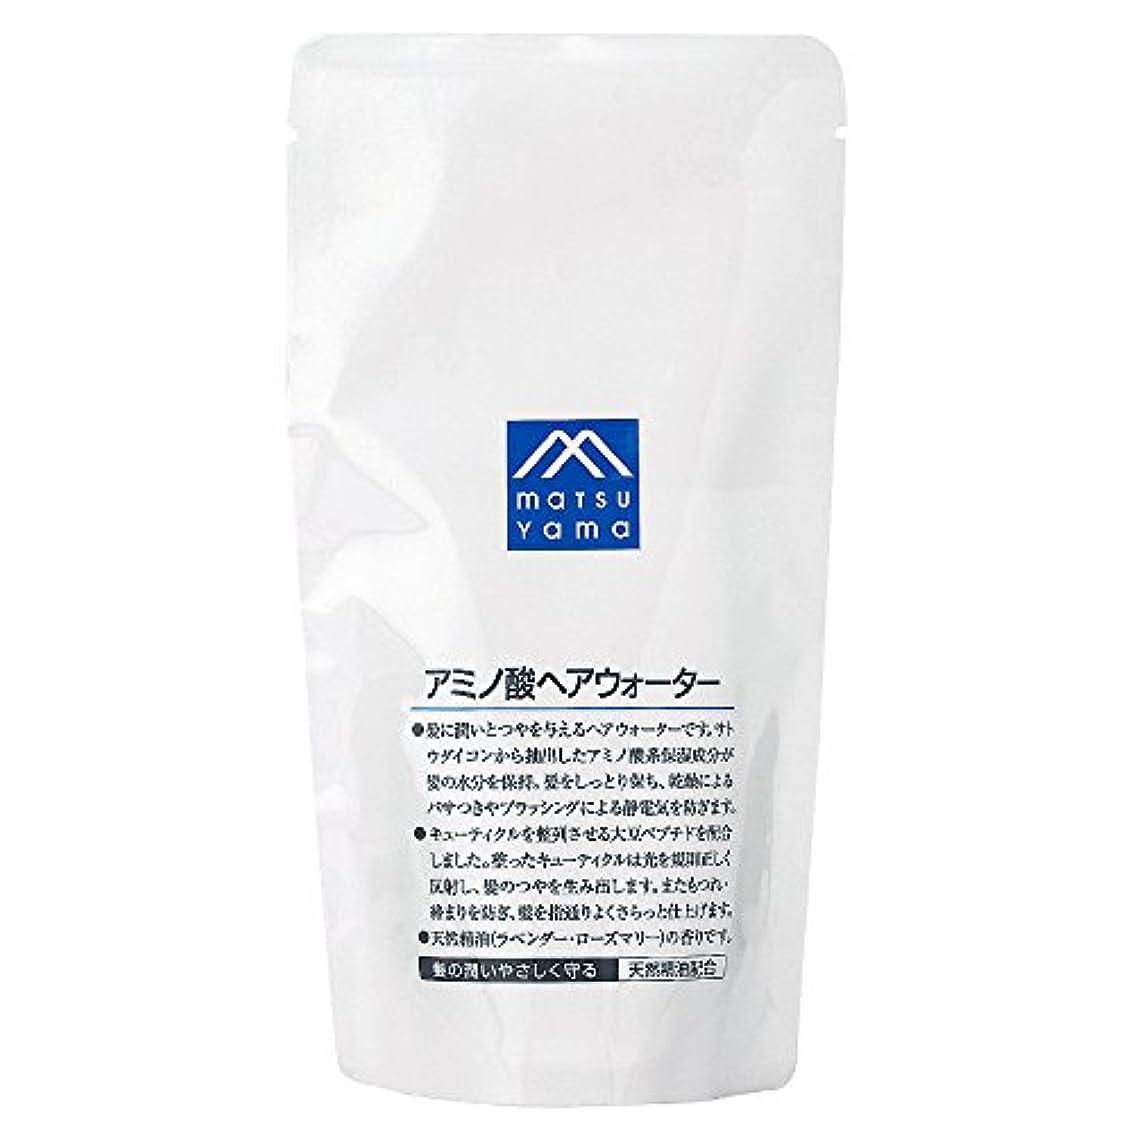 ホームレスエンドウメッセンジャーM-mark アミノ酸ヘアウォーター詰替用